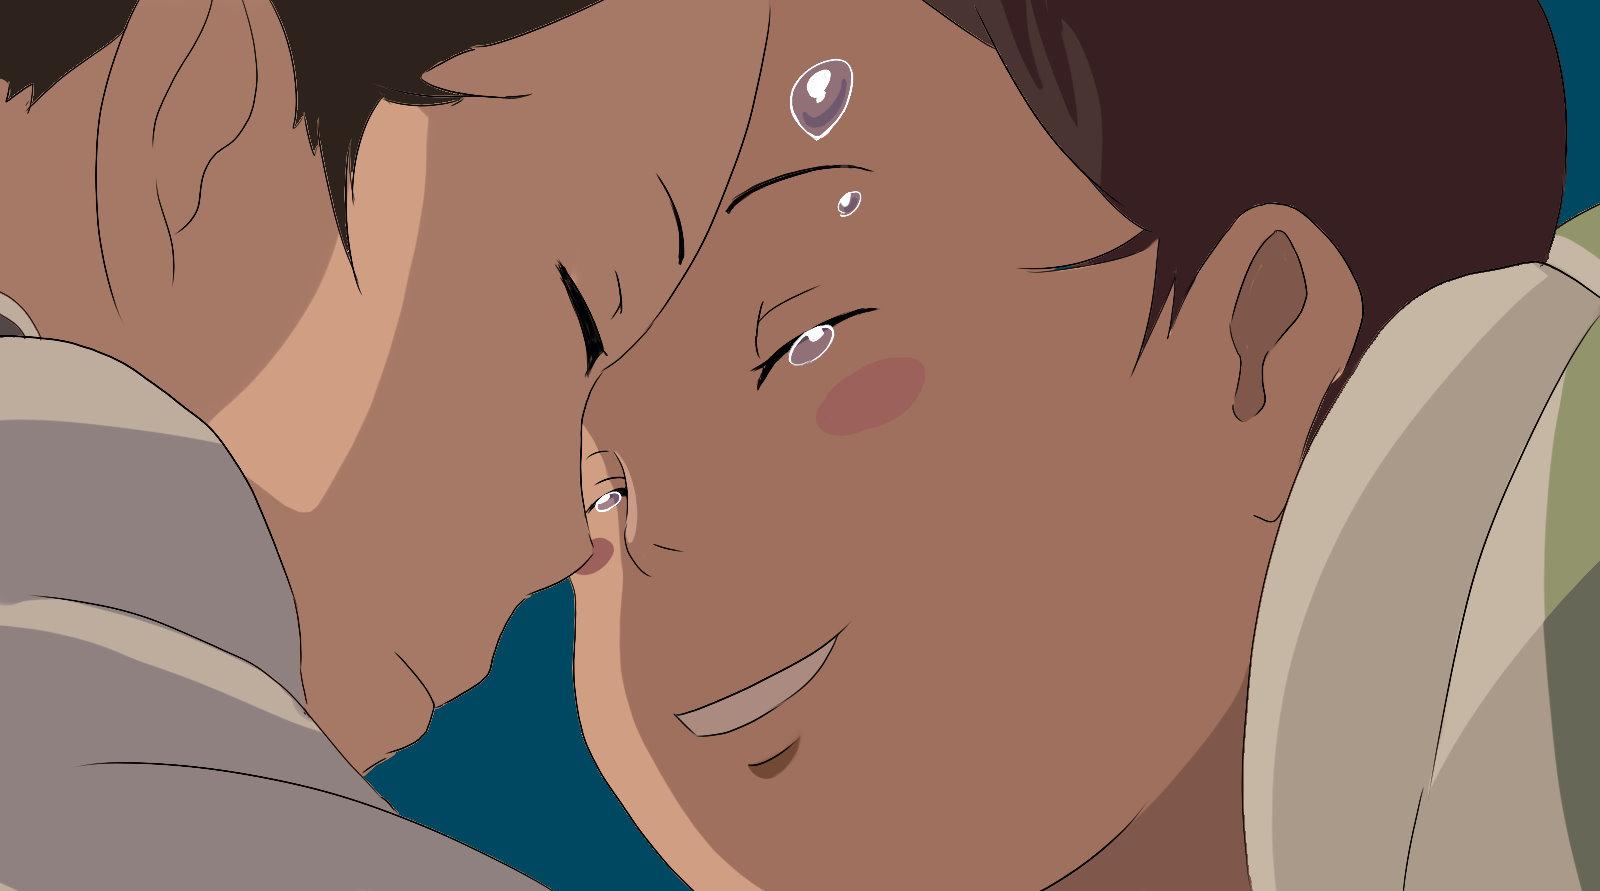 Spirited Away Quotes Sen To Chihiro No Kamikakushi Spirited Away Image 66926